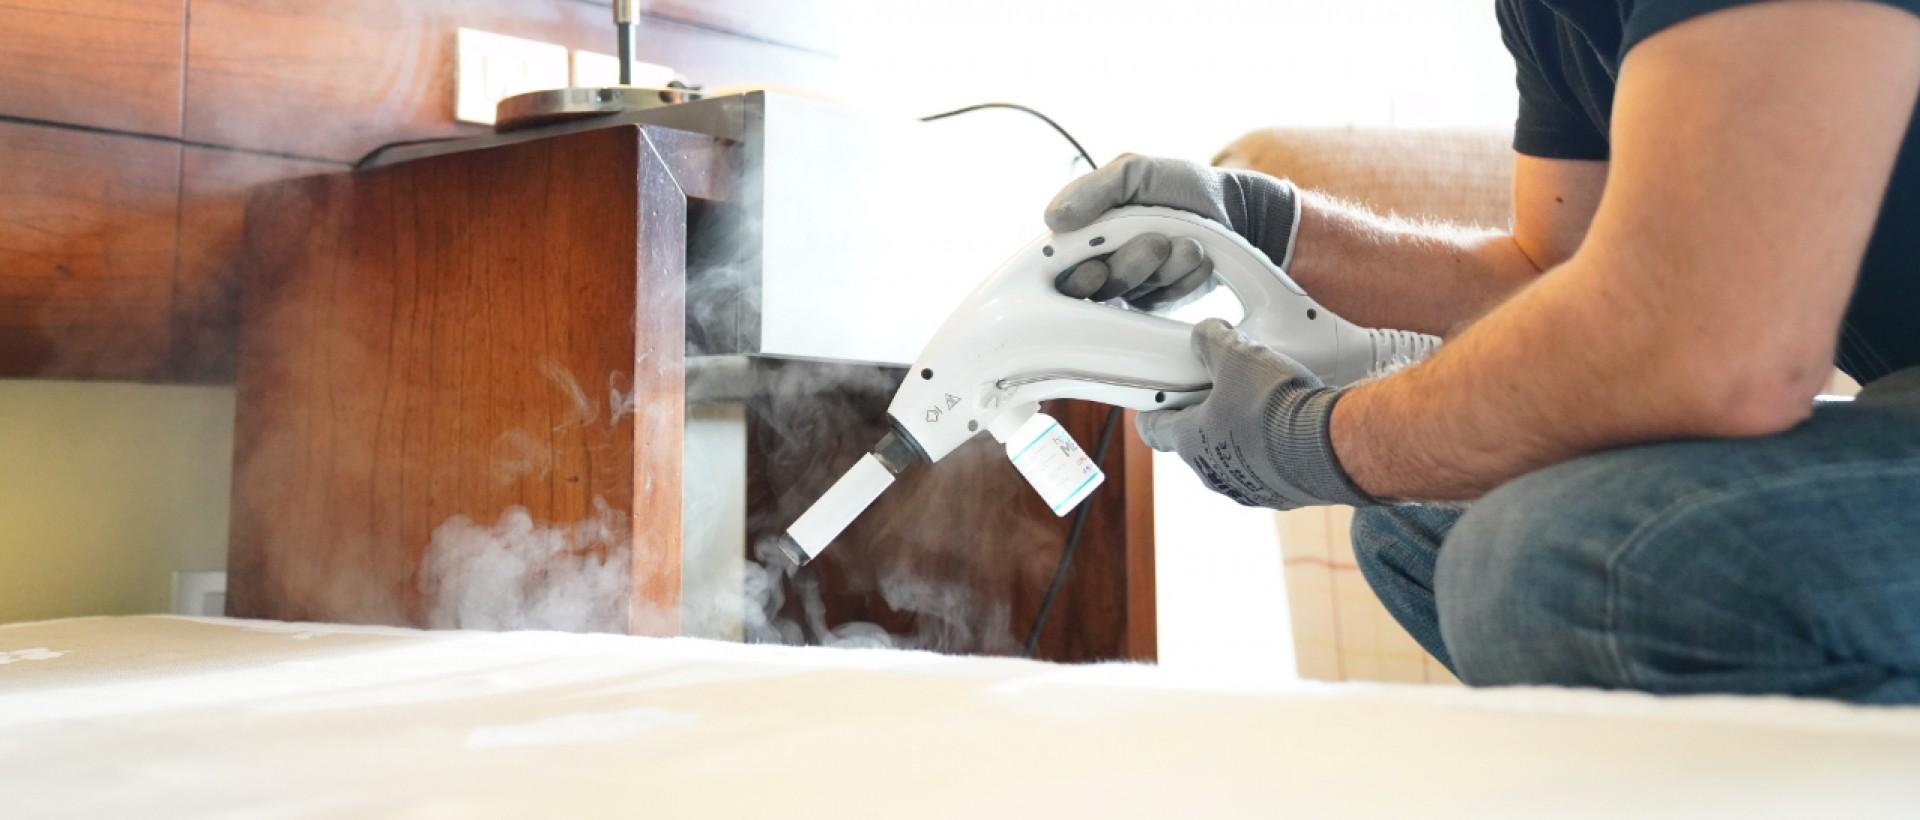 PLAGASUR® | Porque es tu casa y NO la de ellos! | Sanitización · Desratización · Desinsectación · Control de palomas y murciélagos · Valdivia - Puerto Montt - Puerto Varas - Osorno - Castro | Limpieza y desinfección